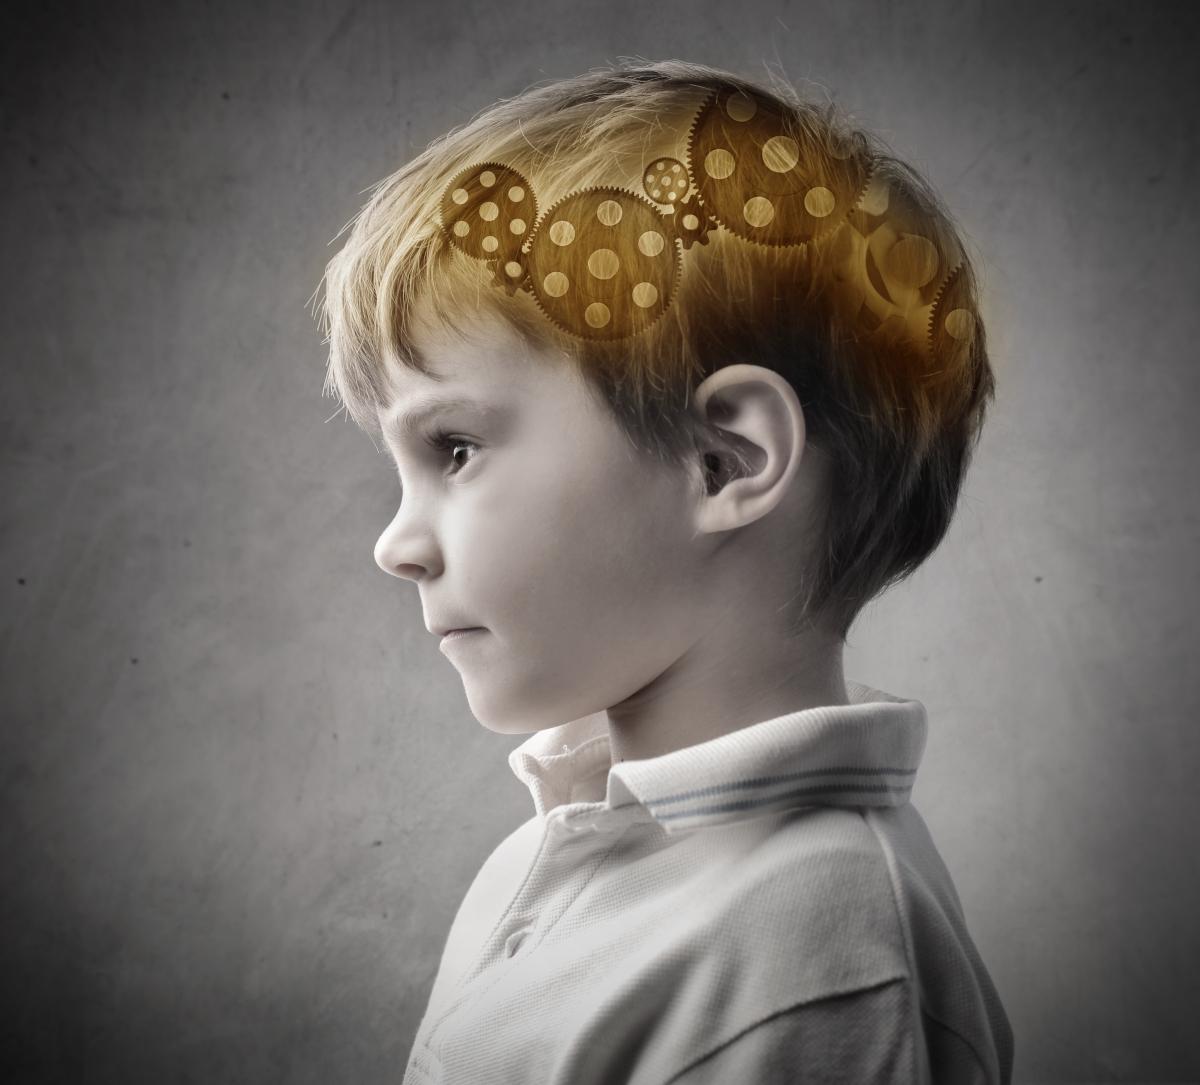 V mozgu u detí s autizmom zistili vysoké hladiny hliníka, najpravdepodobnejšie z vakcín!